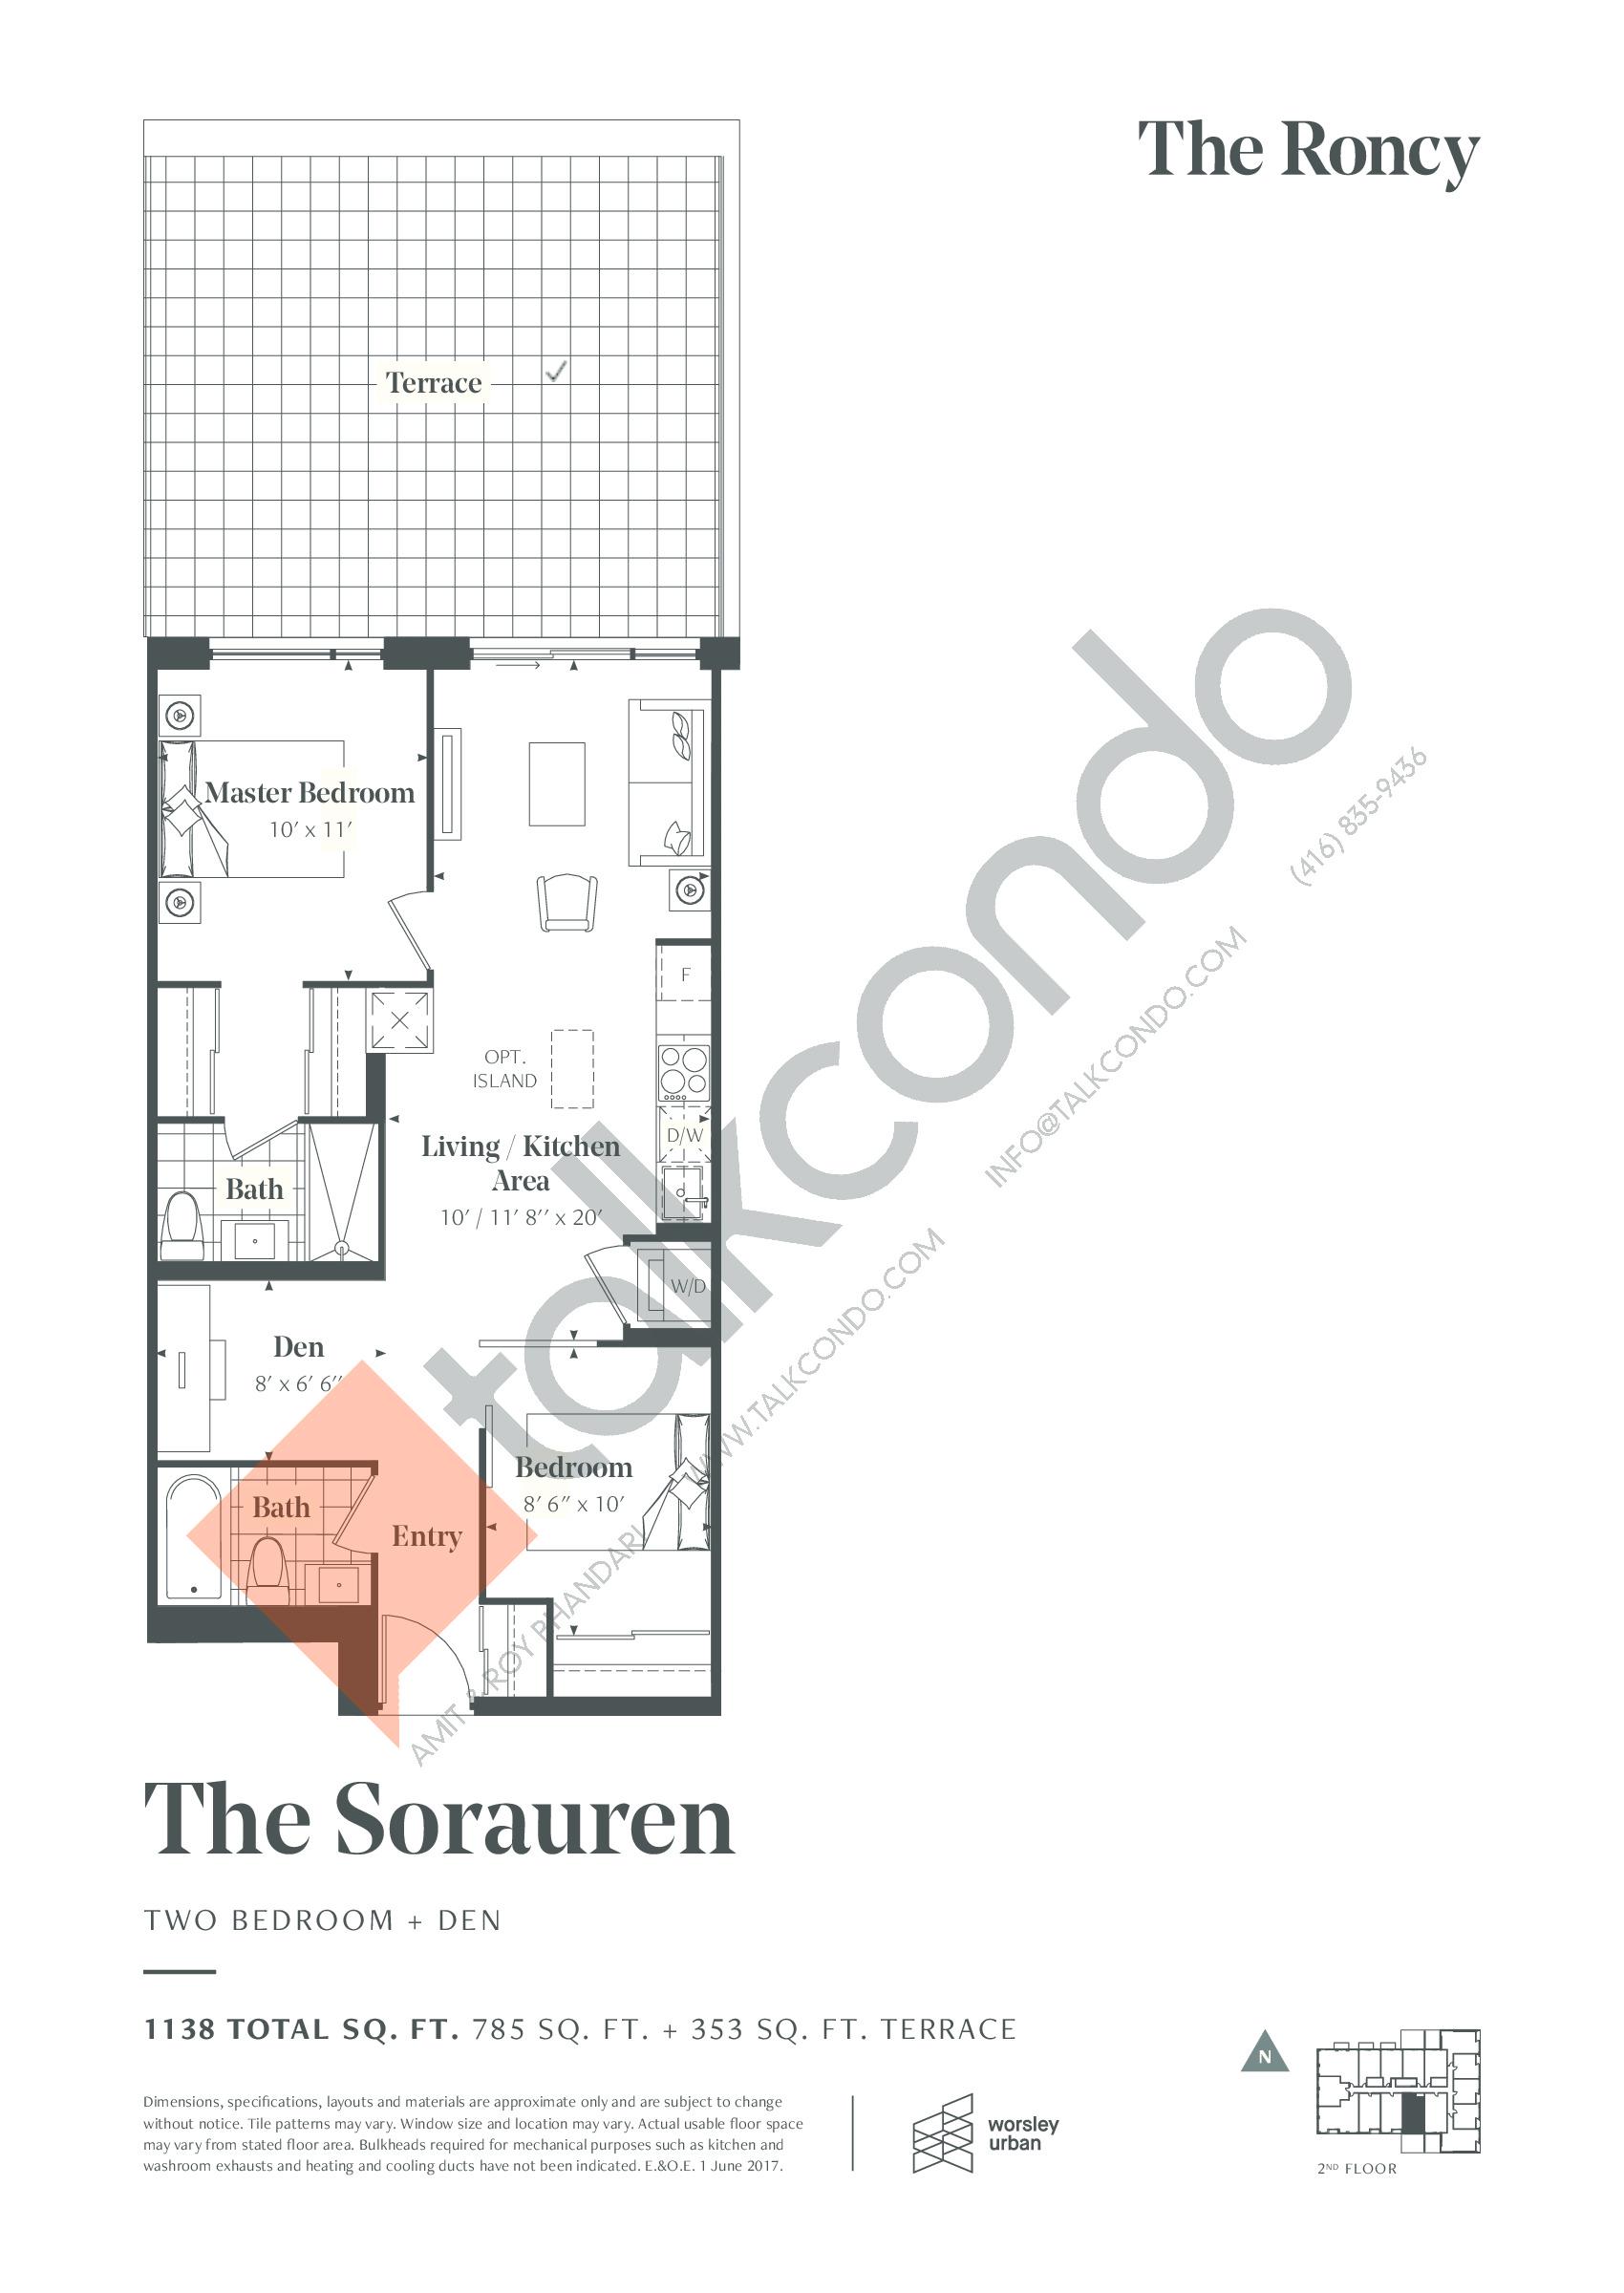 The Sorauren Floor Plan at The Roncy Condos - 785 sq.ft